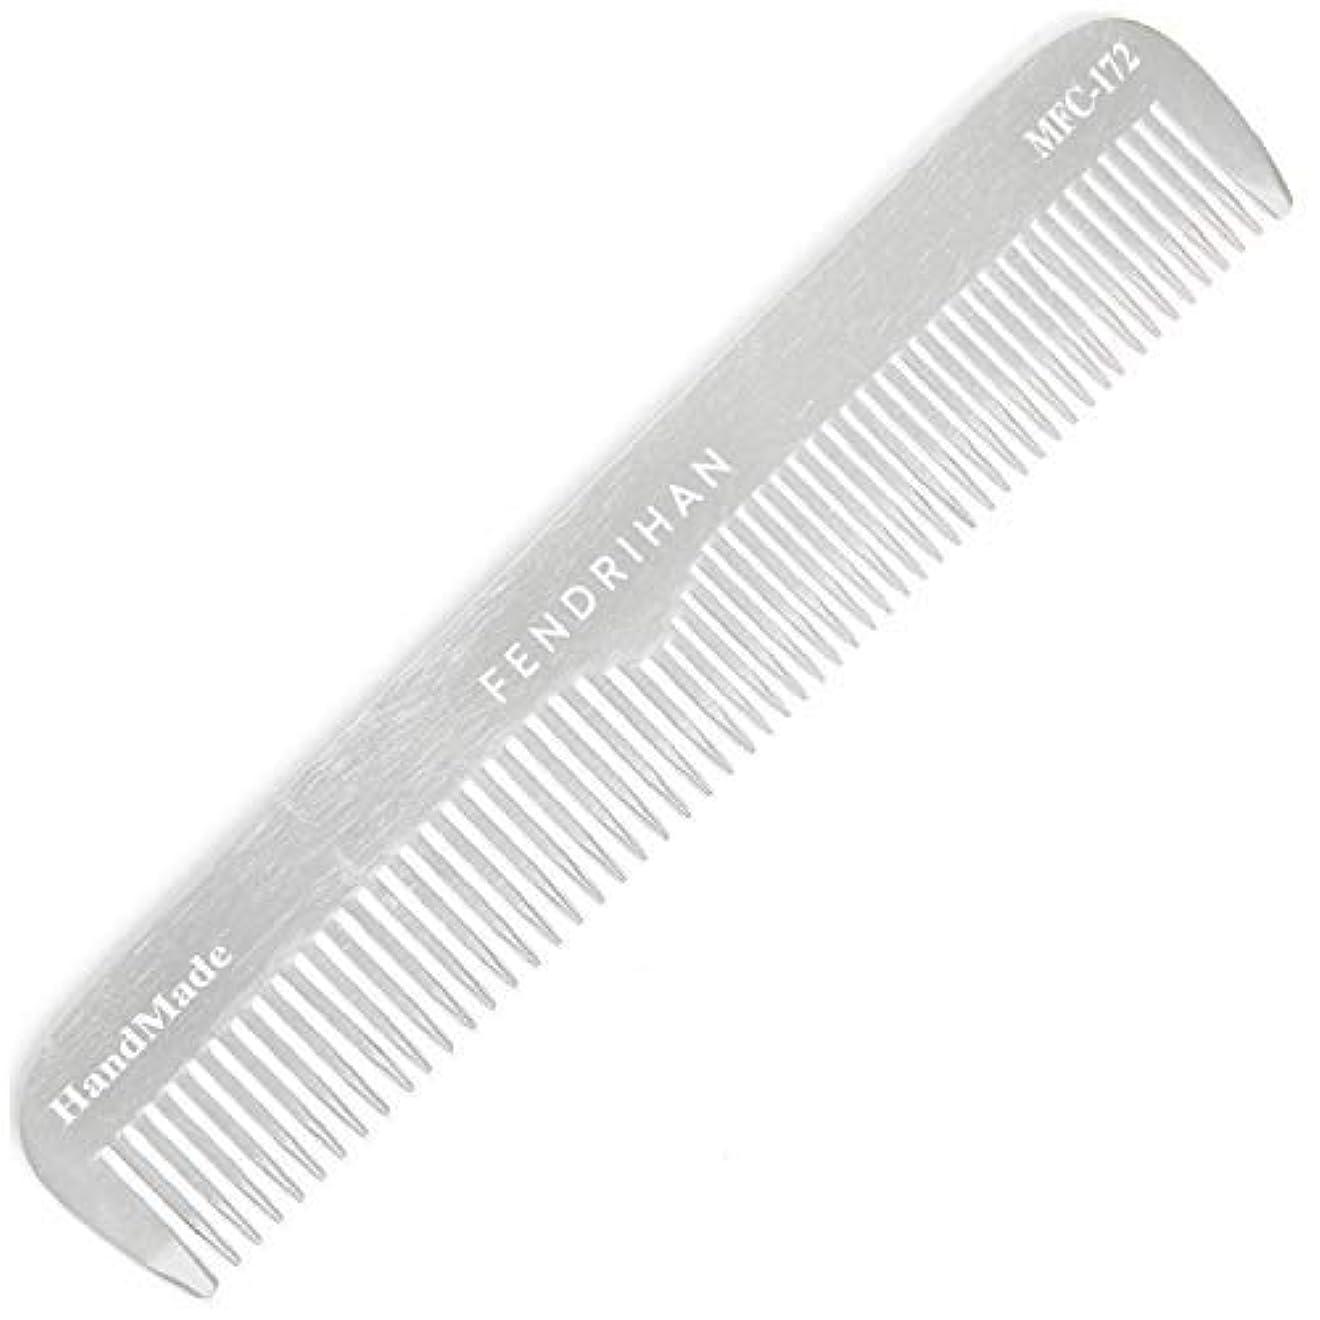 化合物前者航空機Fendrihan Sturdy Metal Fine Tooth Barber Grooming Comb (6.7 Inches) [並行輸入品]